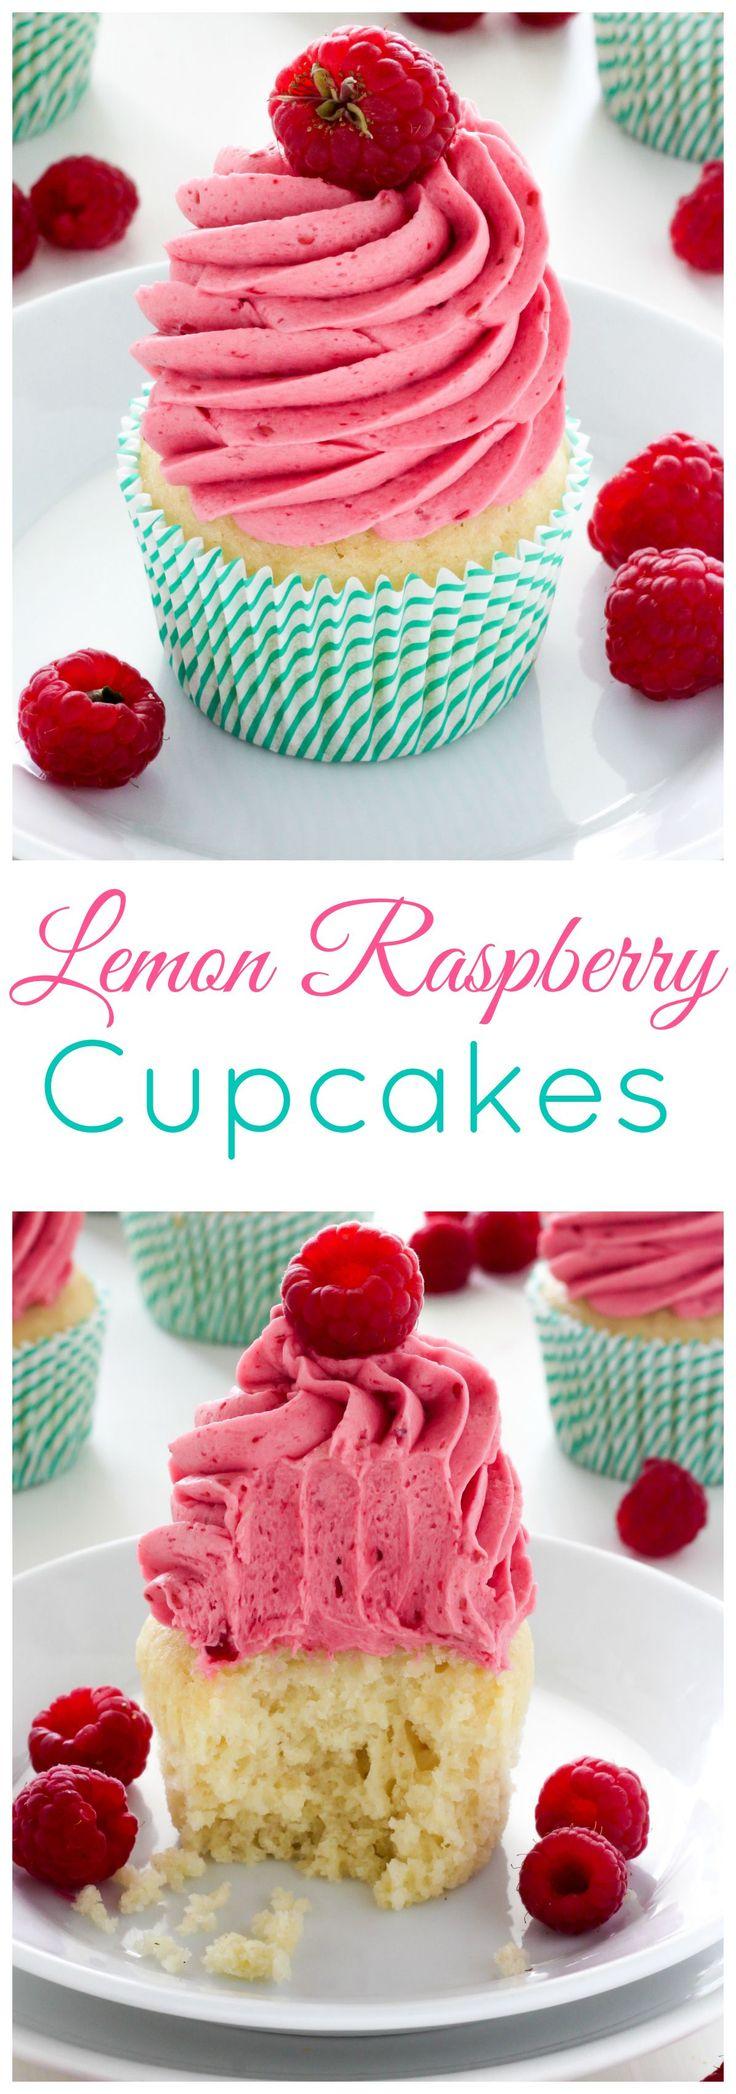 Cupcakes de limón con crema de mantequilla de frambuesa